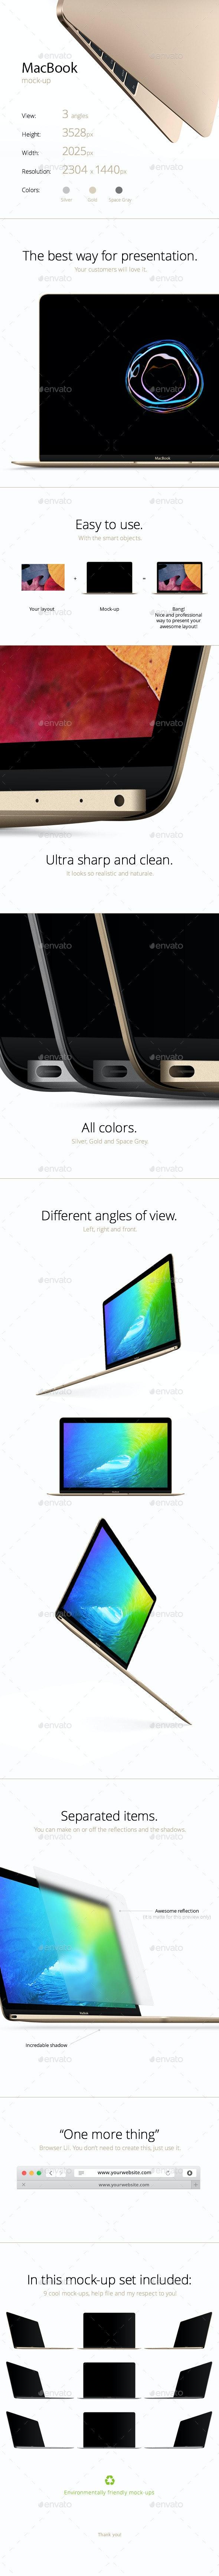 MacBook Mock-up - Laptop Displays